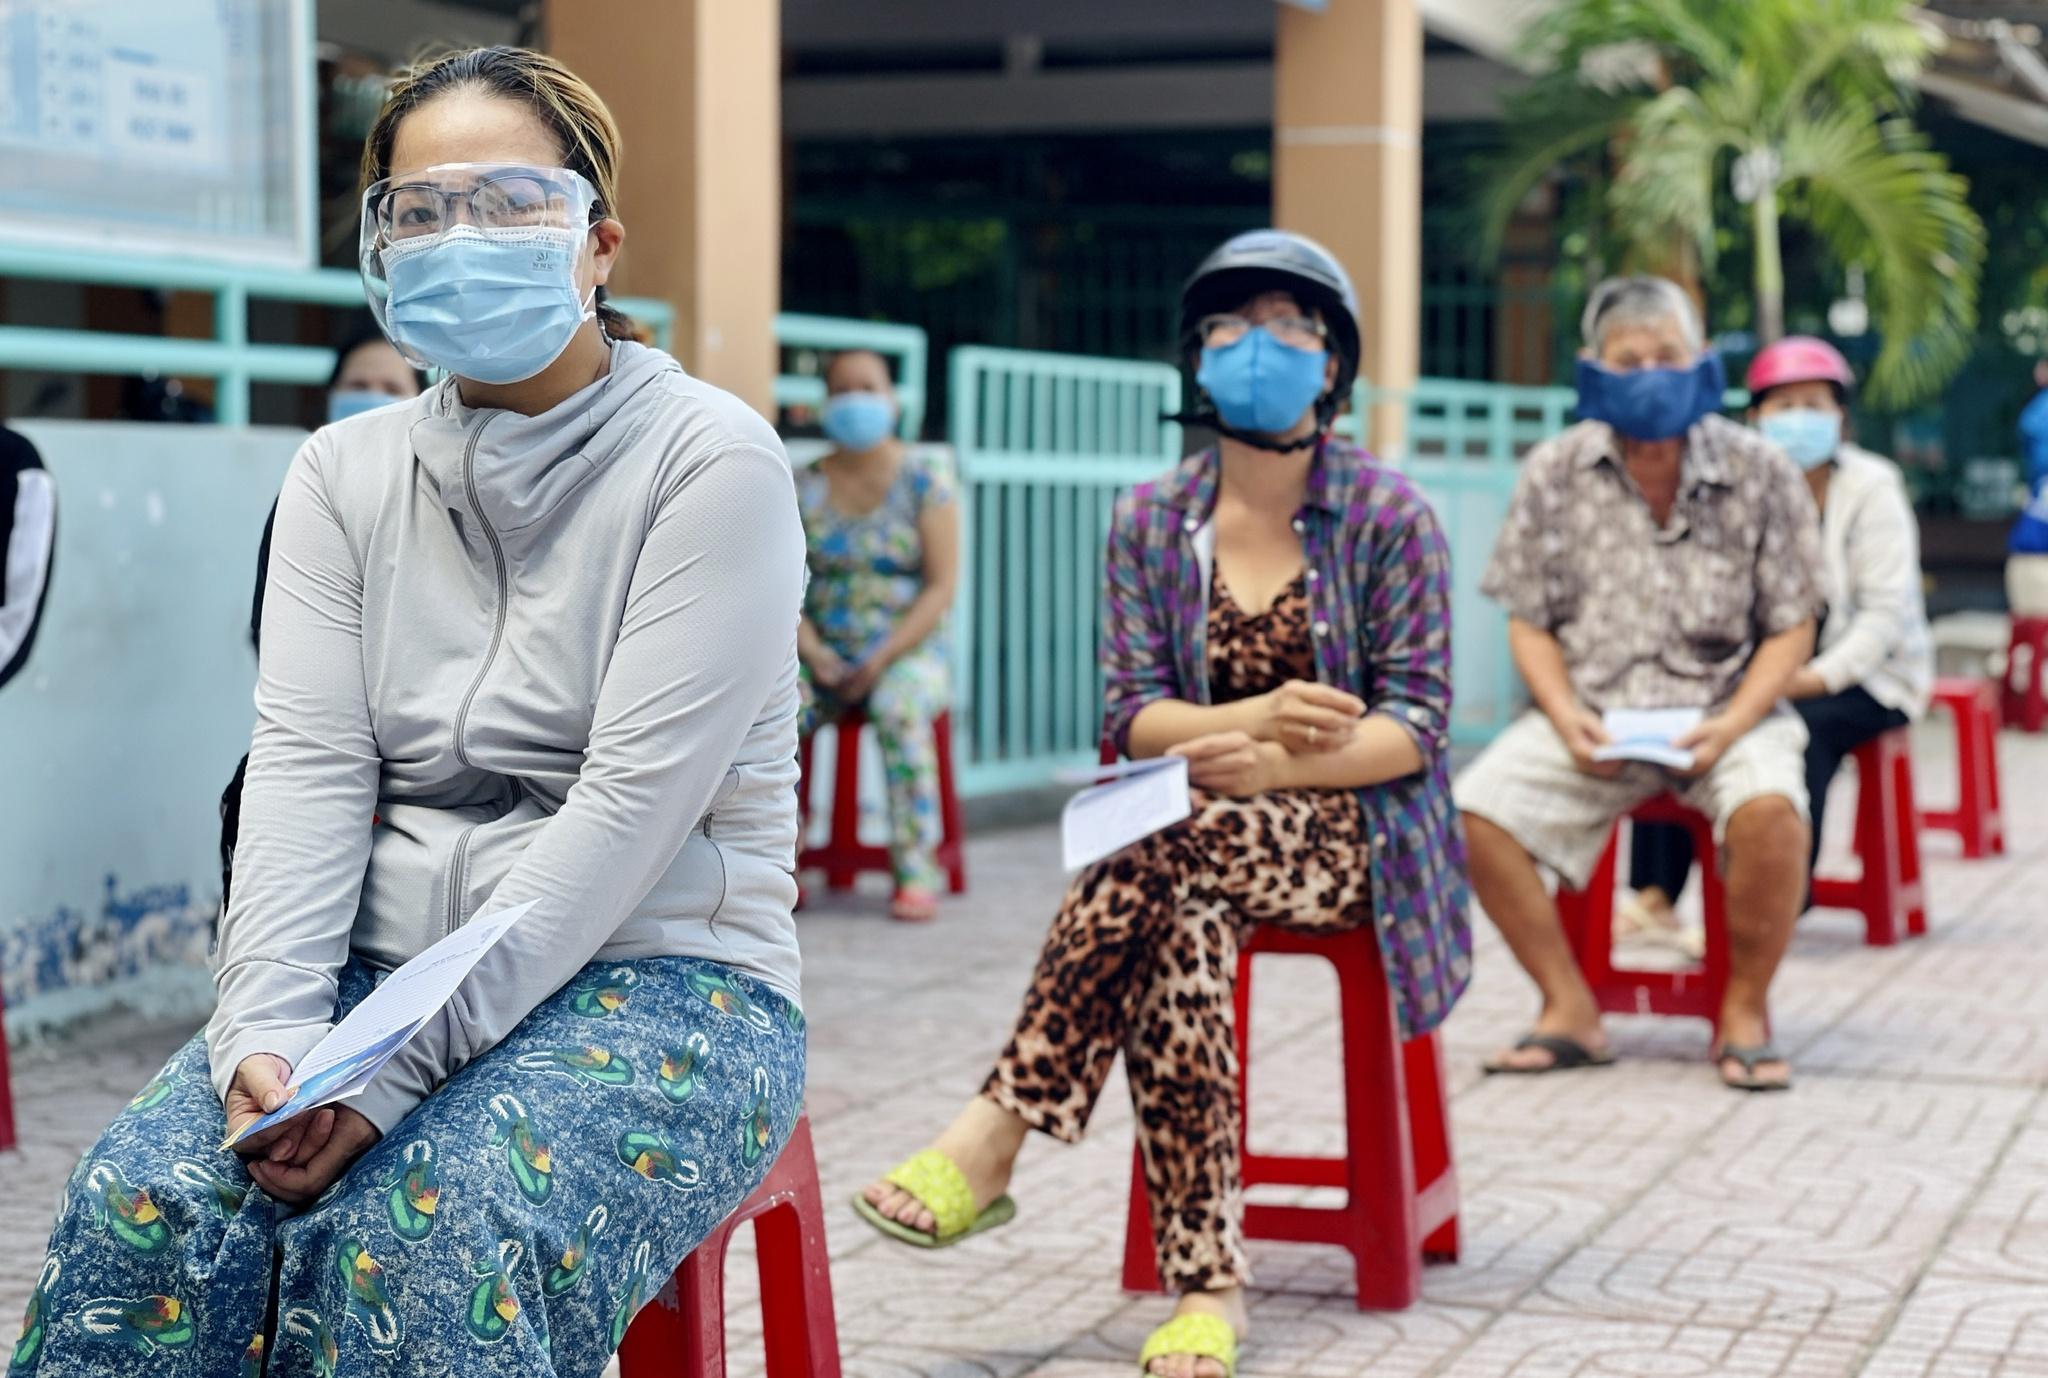 Giữa dịch Covid-19: Người Sài Gòn bật khóc ở siêu thị 0 đồng khi được mua đến 400.000 đồng - ảnh 3